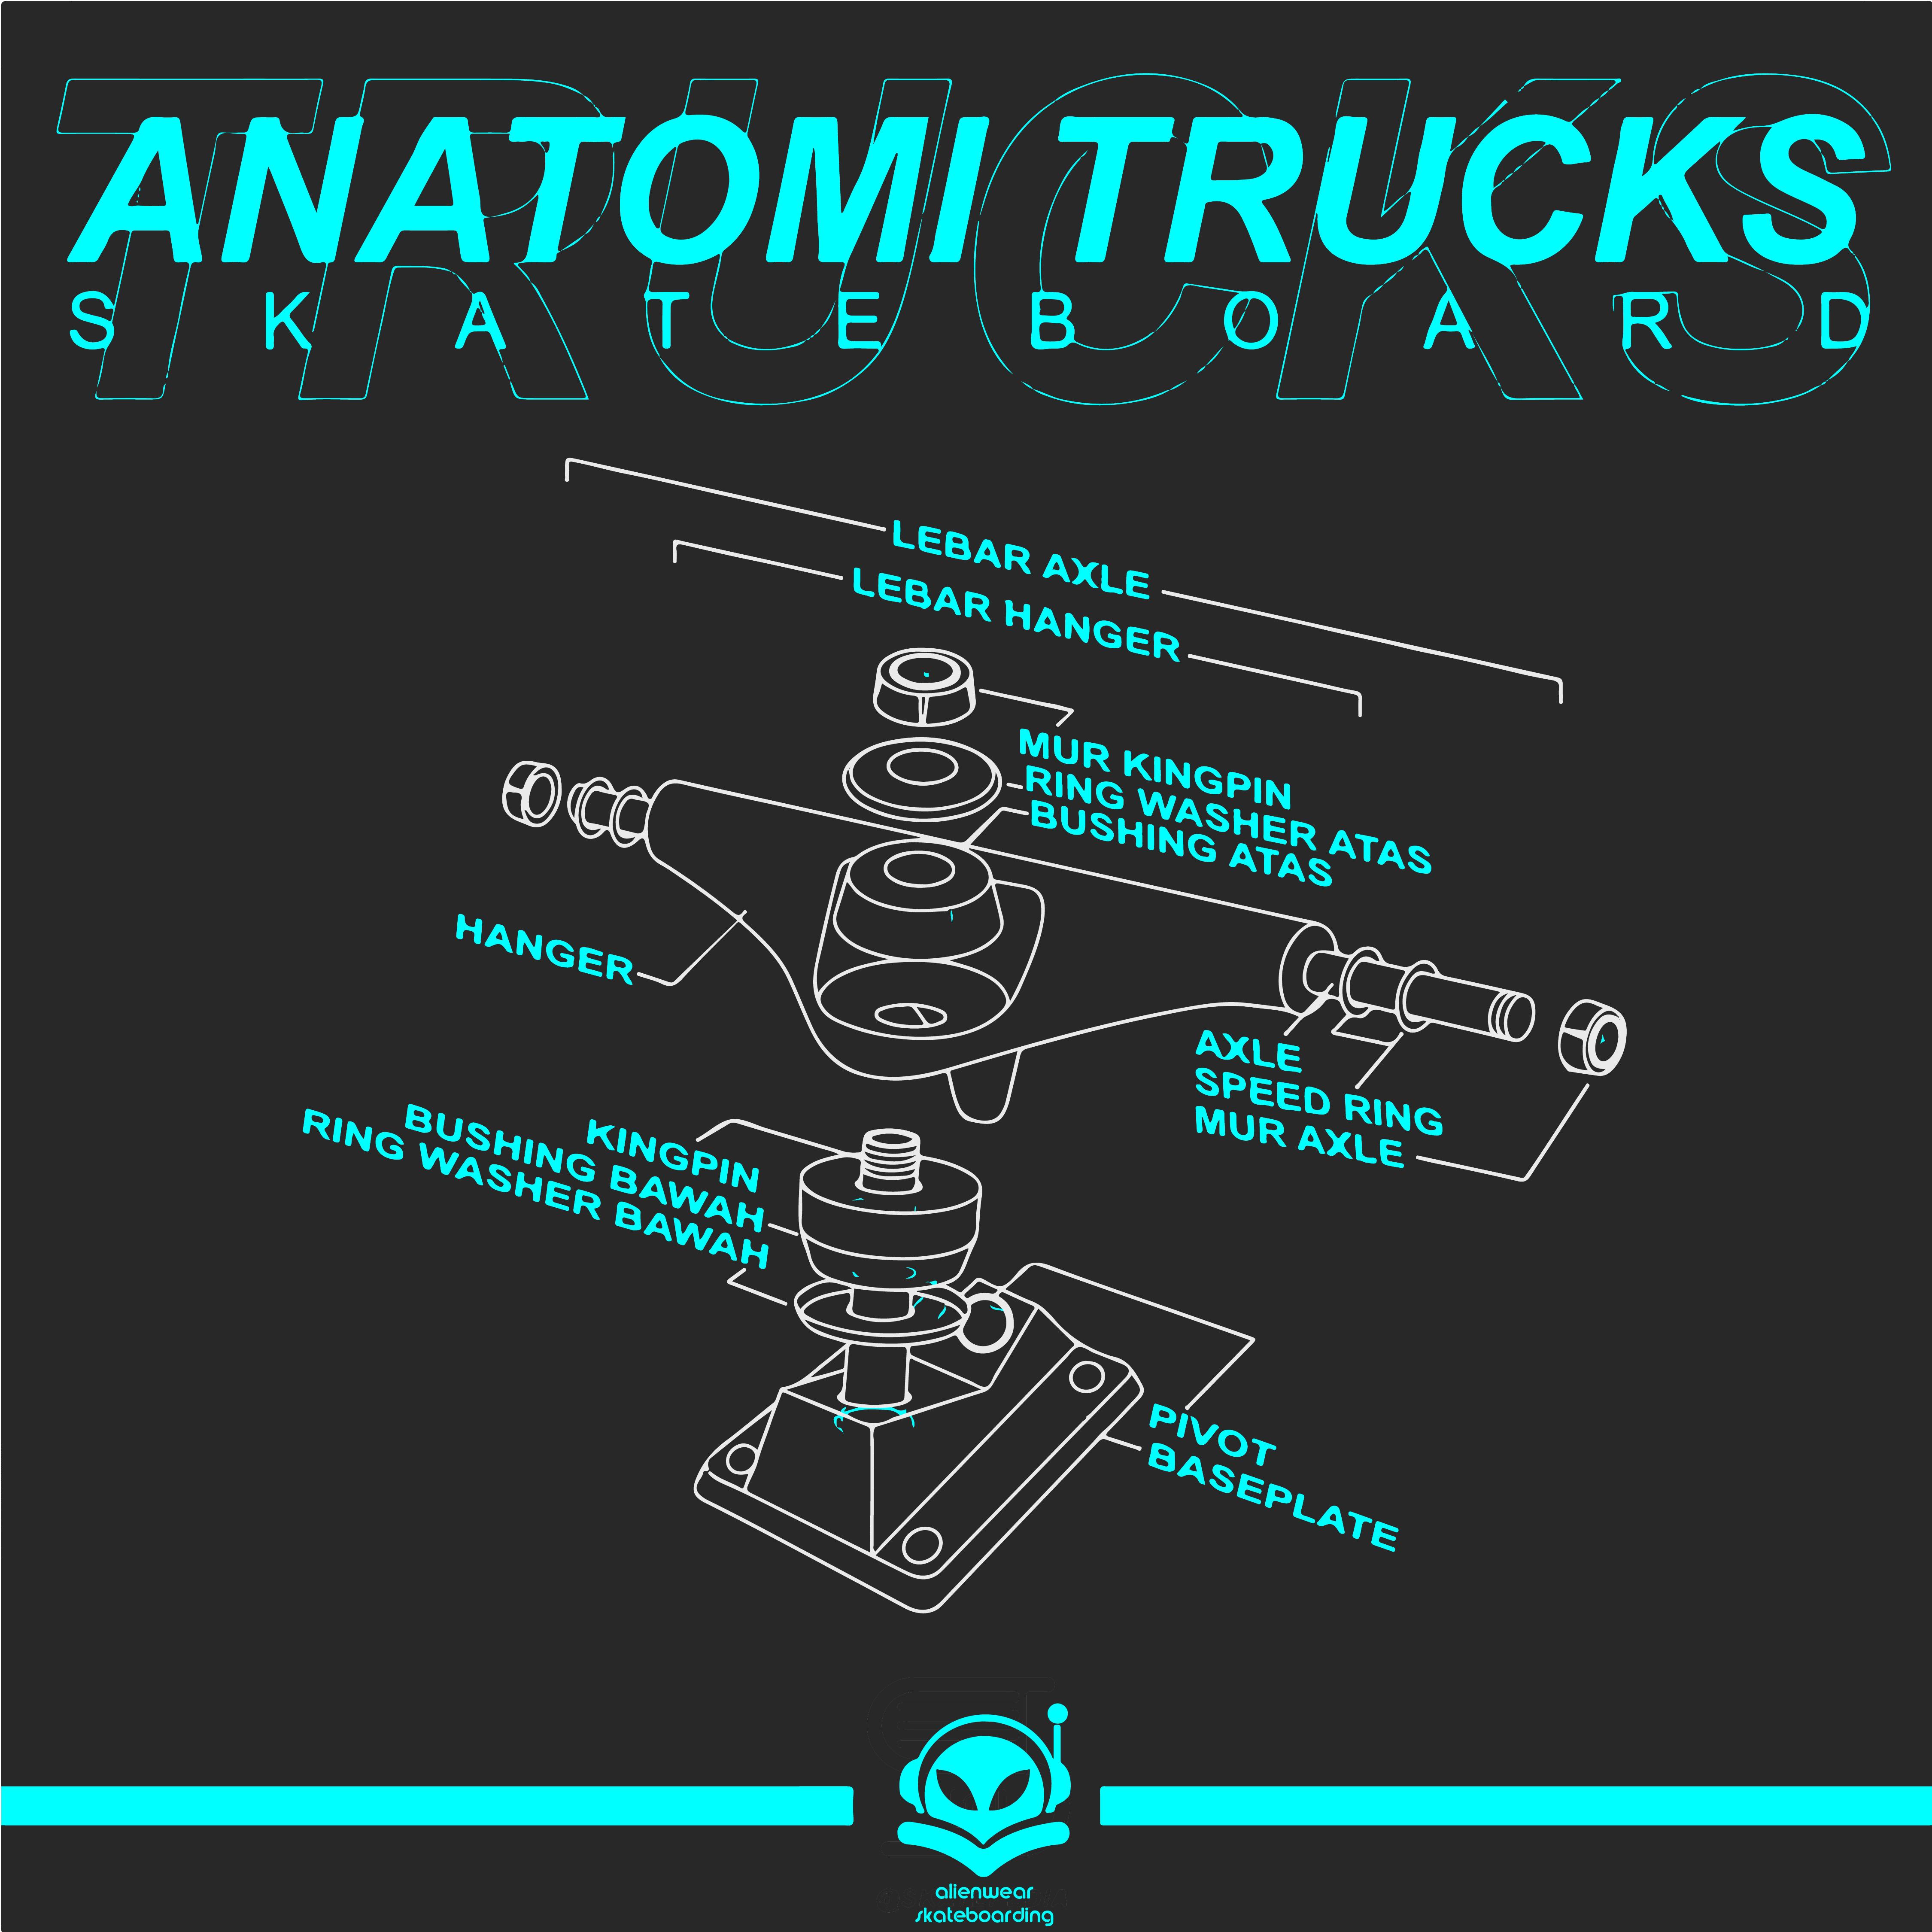 ANATOMI TRUCK